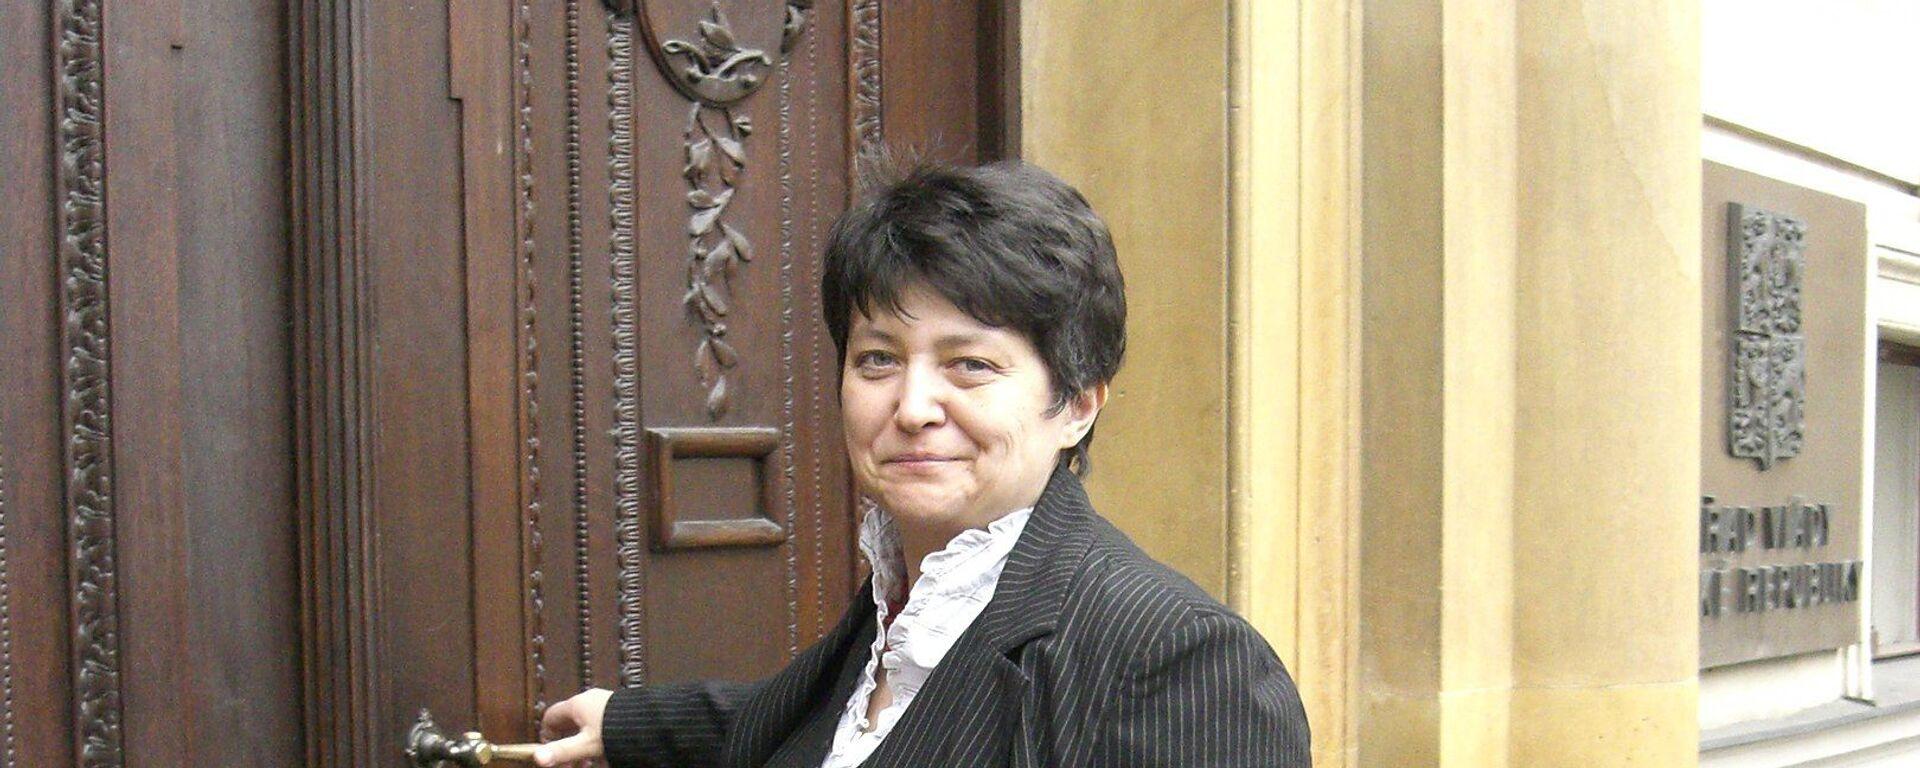 Džamila Stehlíková - Sputnik Česká republika, 1920, 12.10.2021